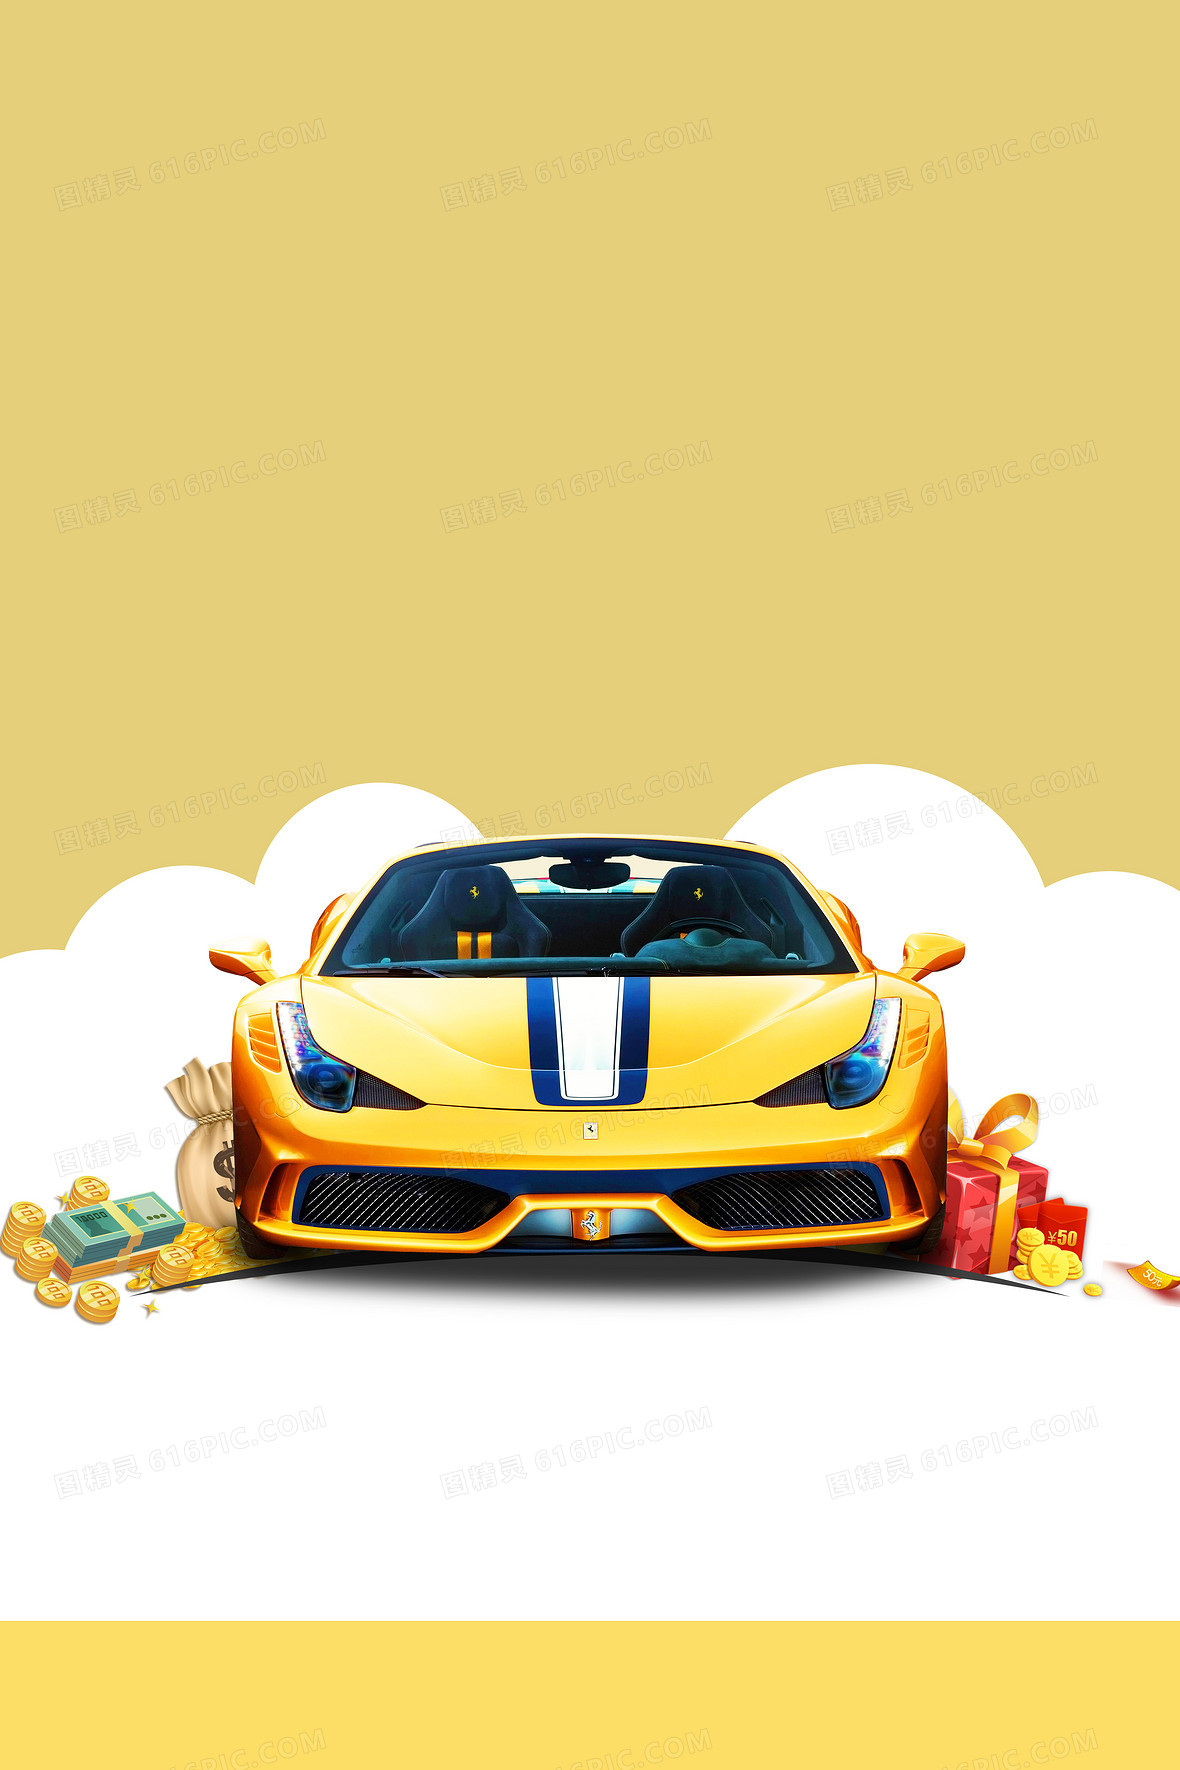 汽车贷款海报背景素材